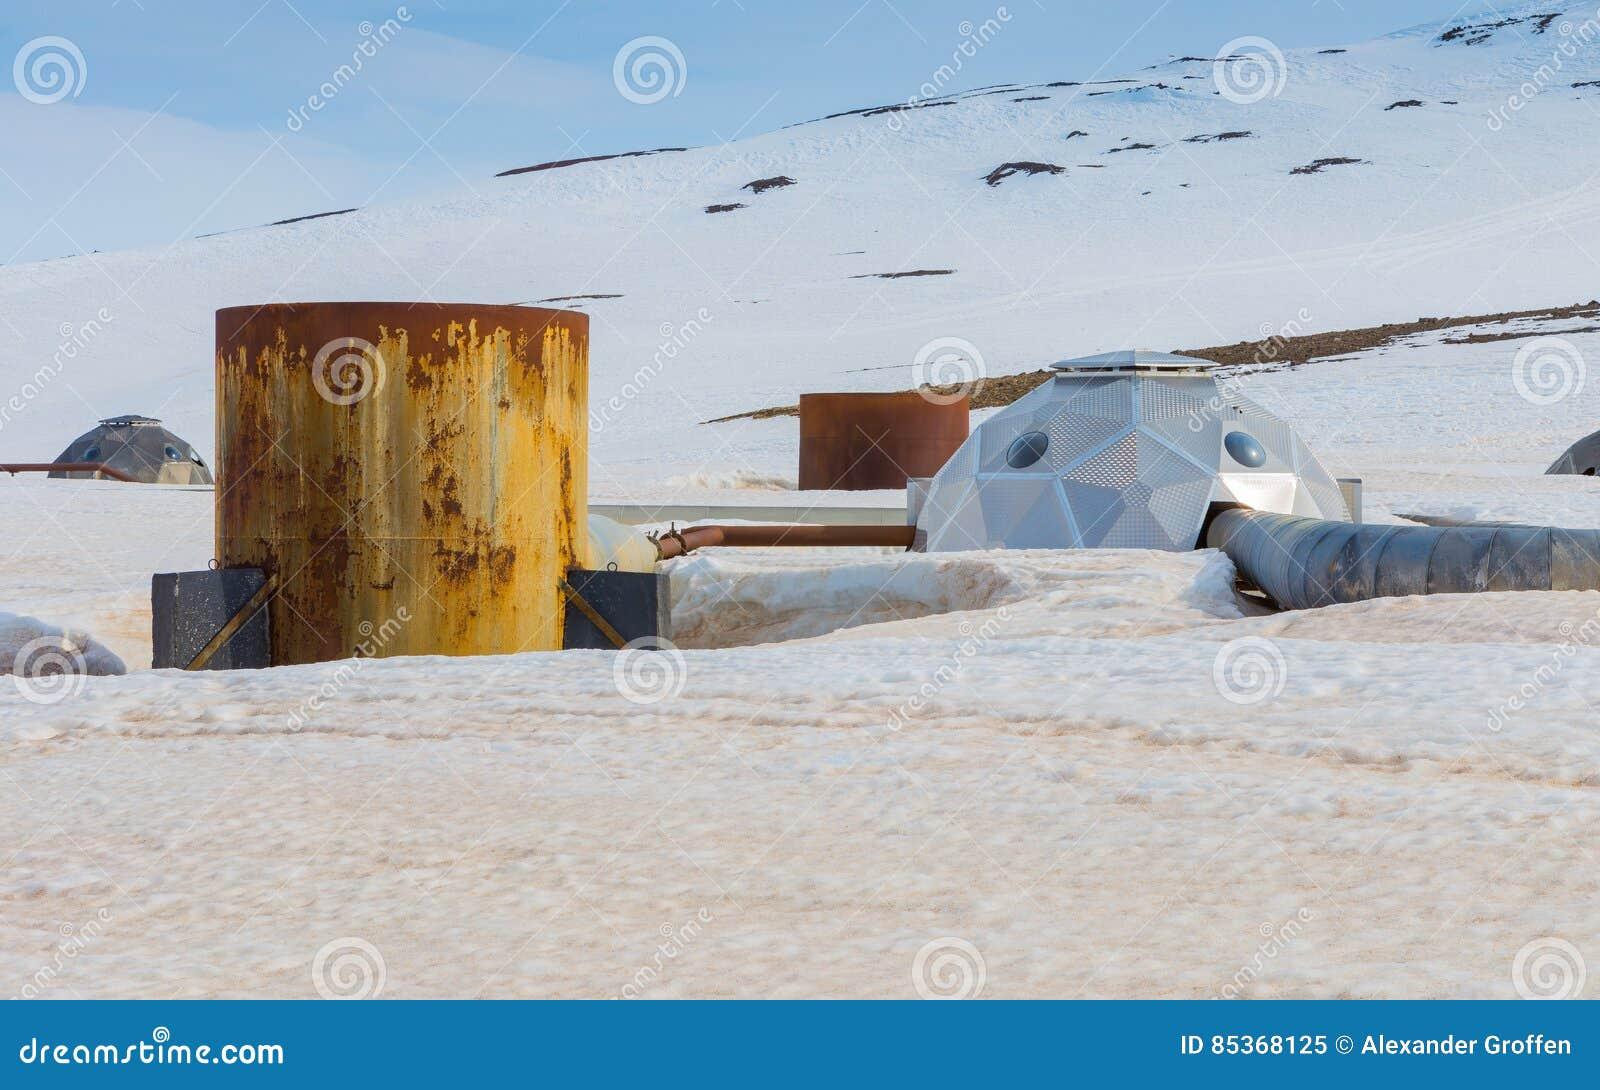 De futuristische bronnen vervoeren stoom van boorgaten aan de geothermische krachtcentrale van Krafla in Noord-IJsland